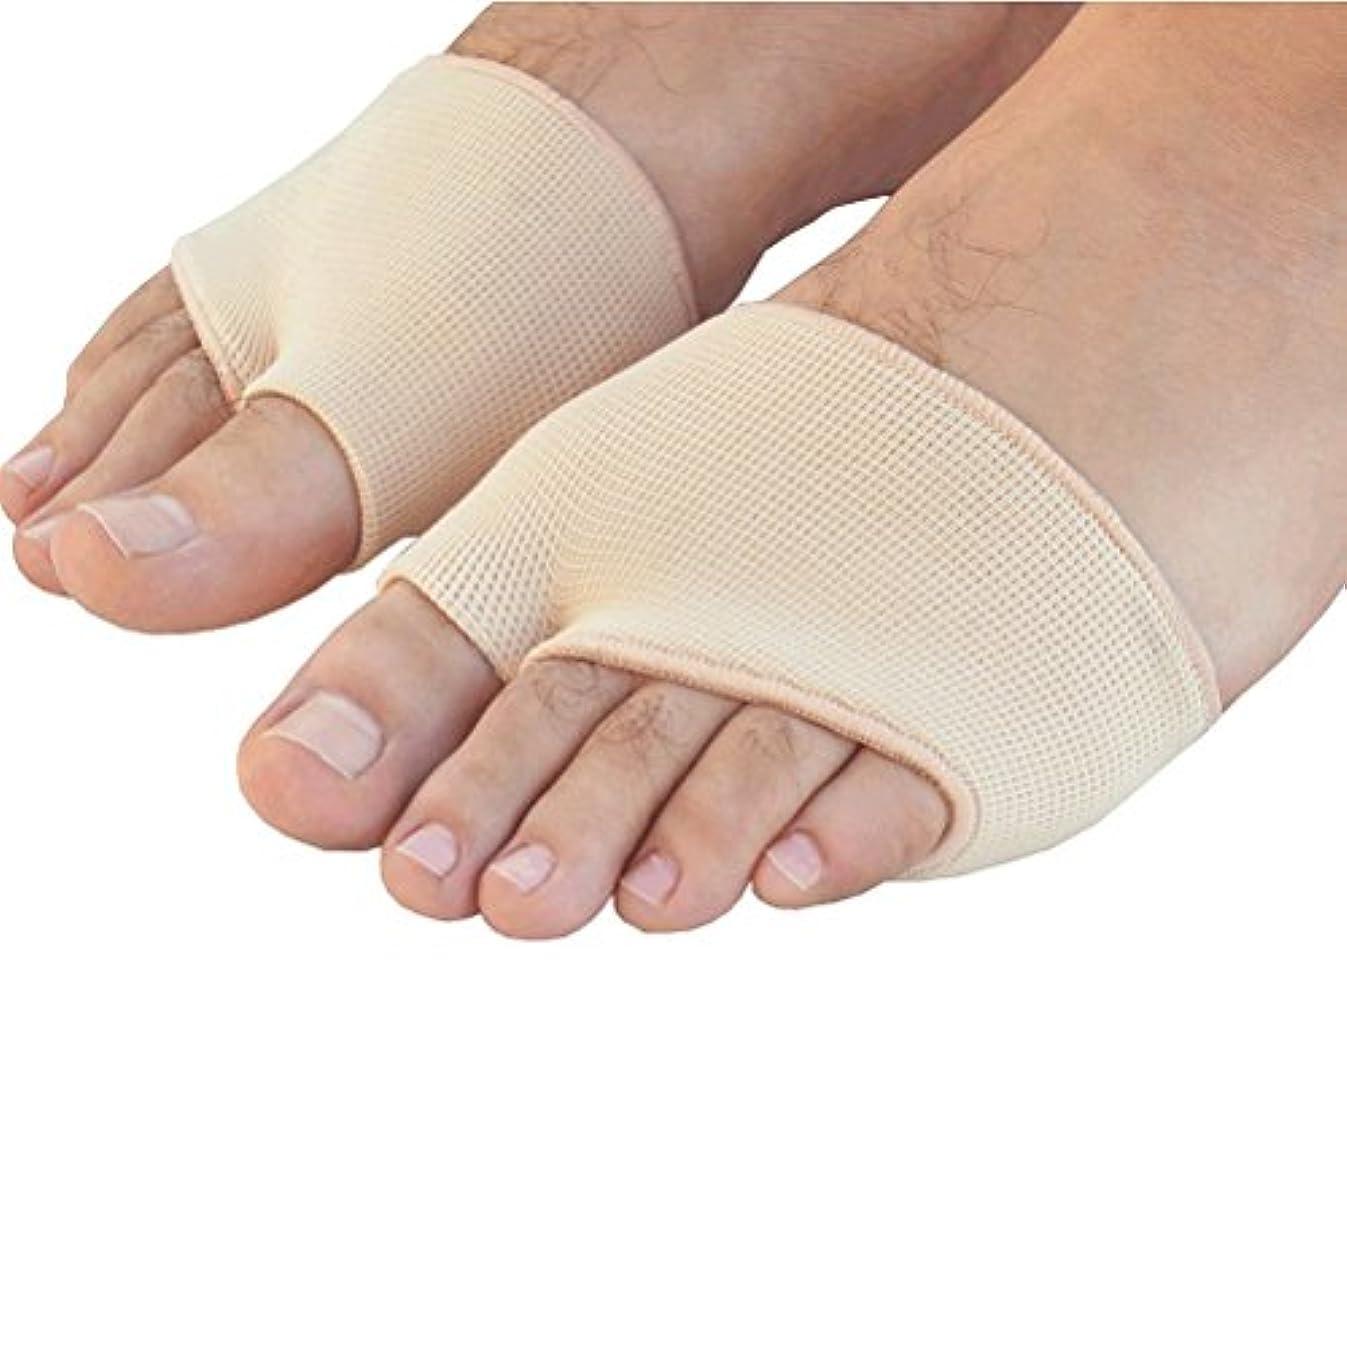 恐怖サイレン芸術的ROSENICE ゲル前足中足骨の痛み救済吸収クッション パッド 足底筋膜炎インソール 衝撃吸収 サイズS(肌の色)